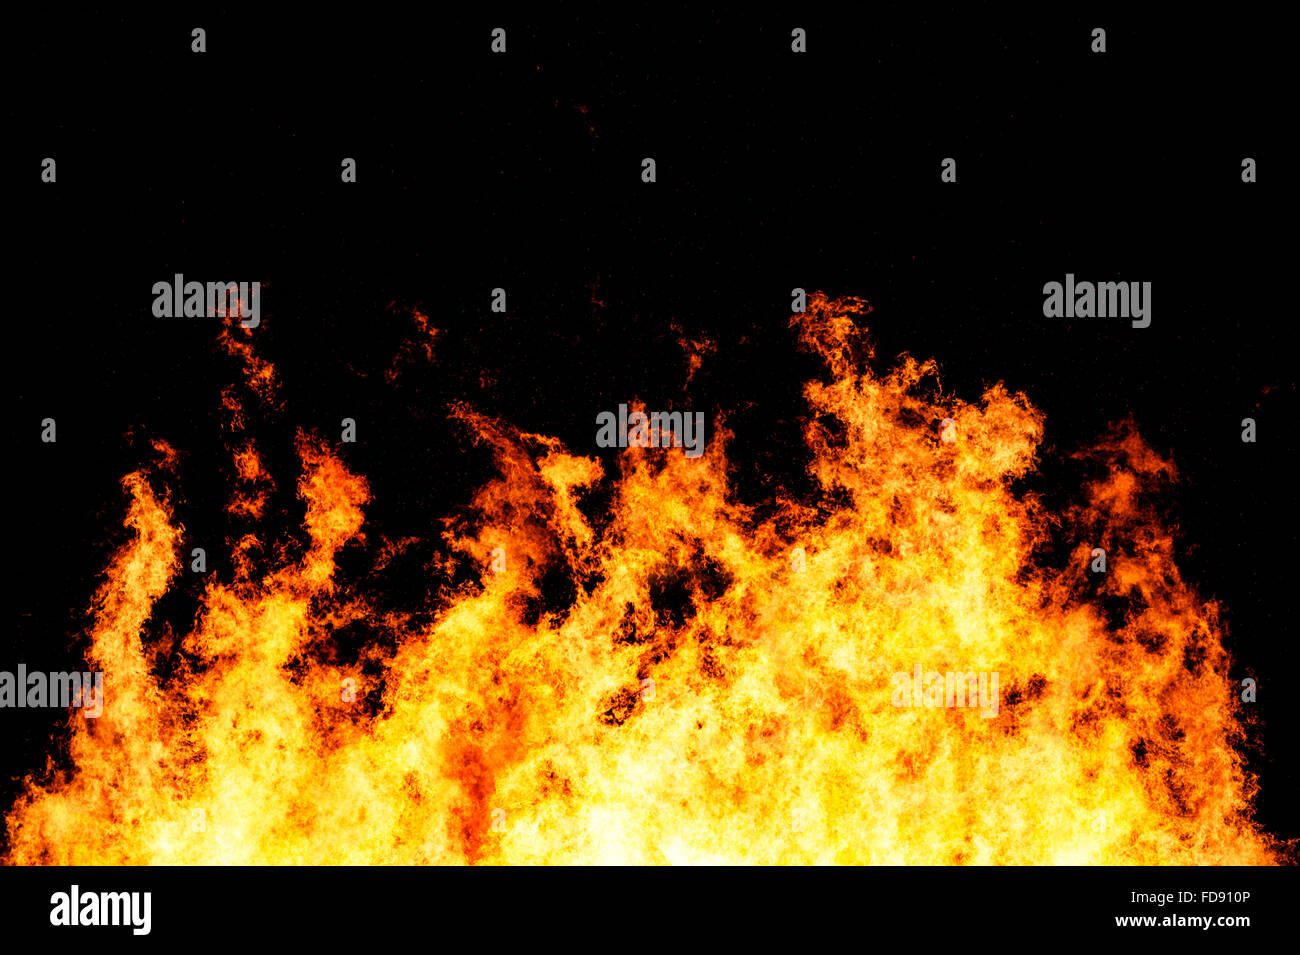 Feu faisant rage tourné à une vitesse d'obturation élevée pour figer le mouvement des flammes Photo Stock